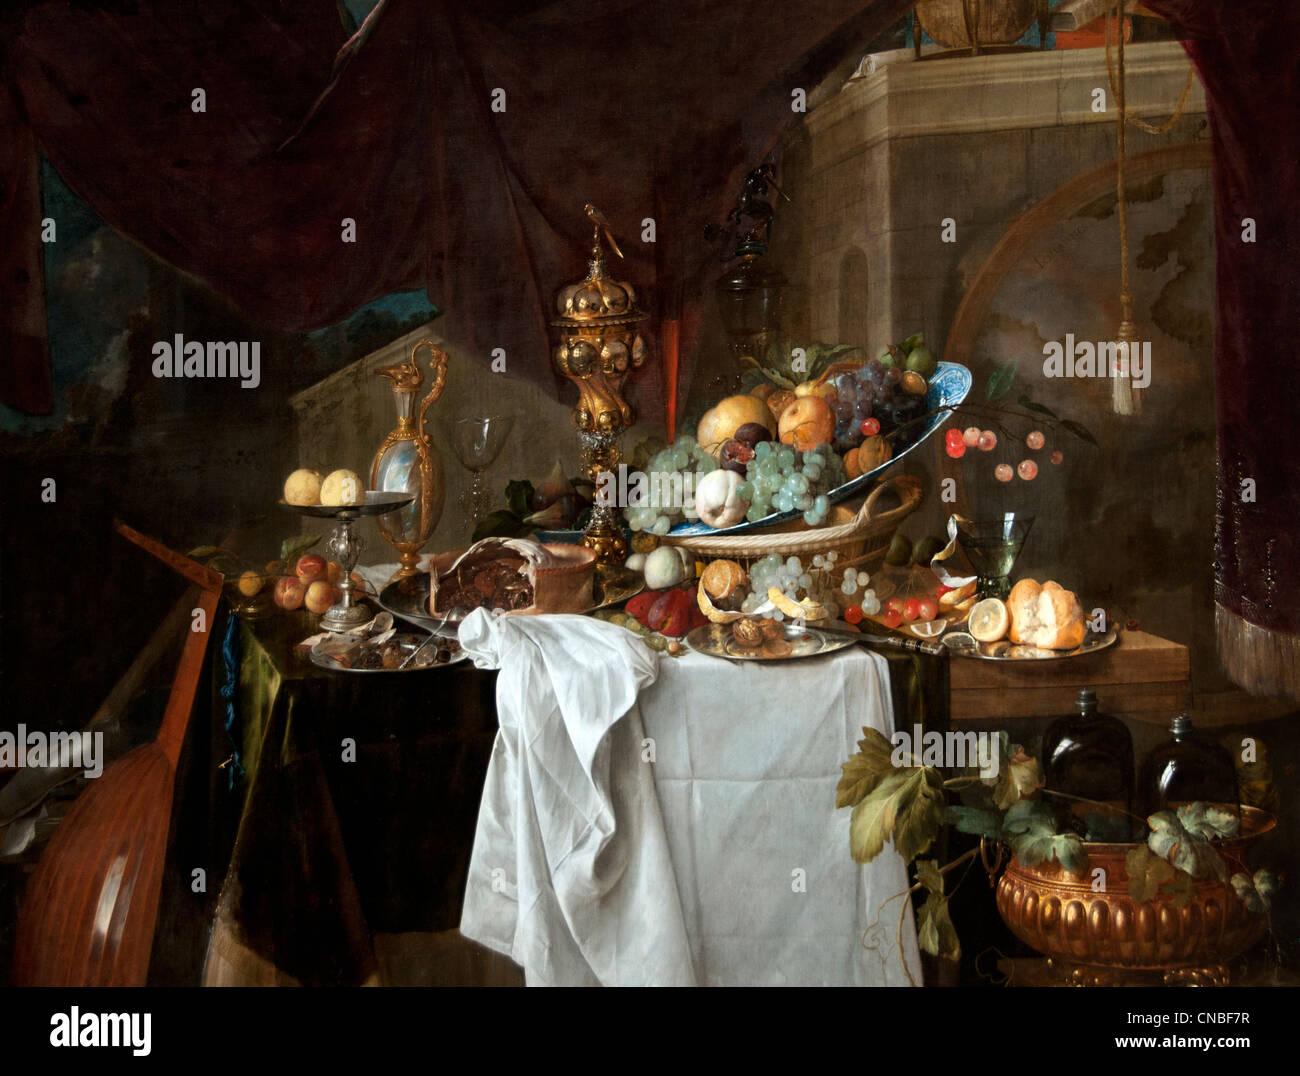 Fruit et riche vaisselle sur une table - Fruit and rich dishes on a table 1640 by Jan Davidz De Heem 1606-1683 Dutch - Stock Image